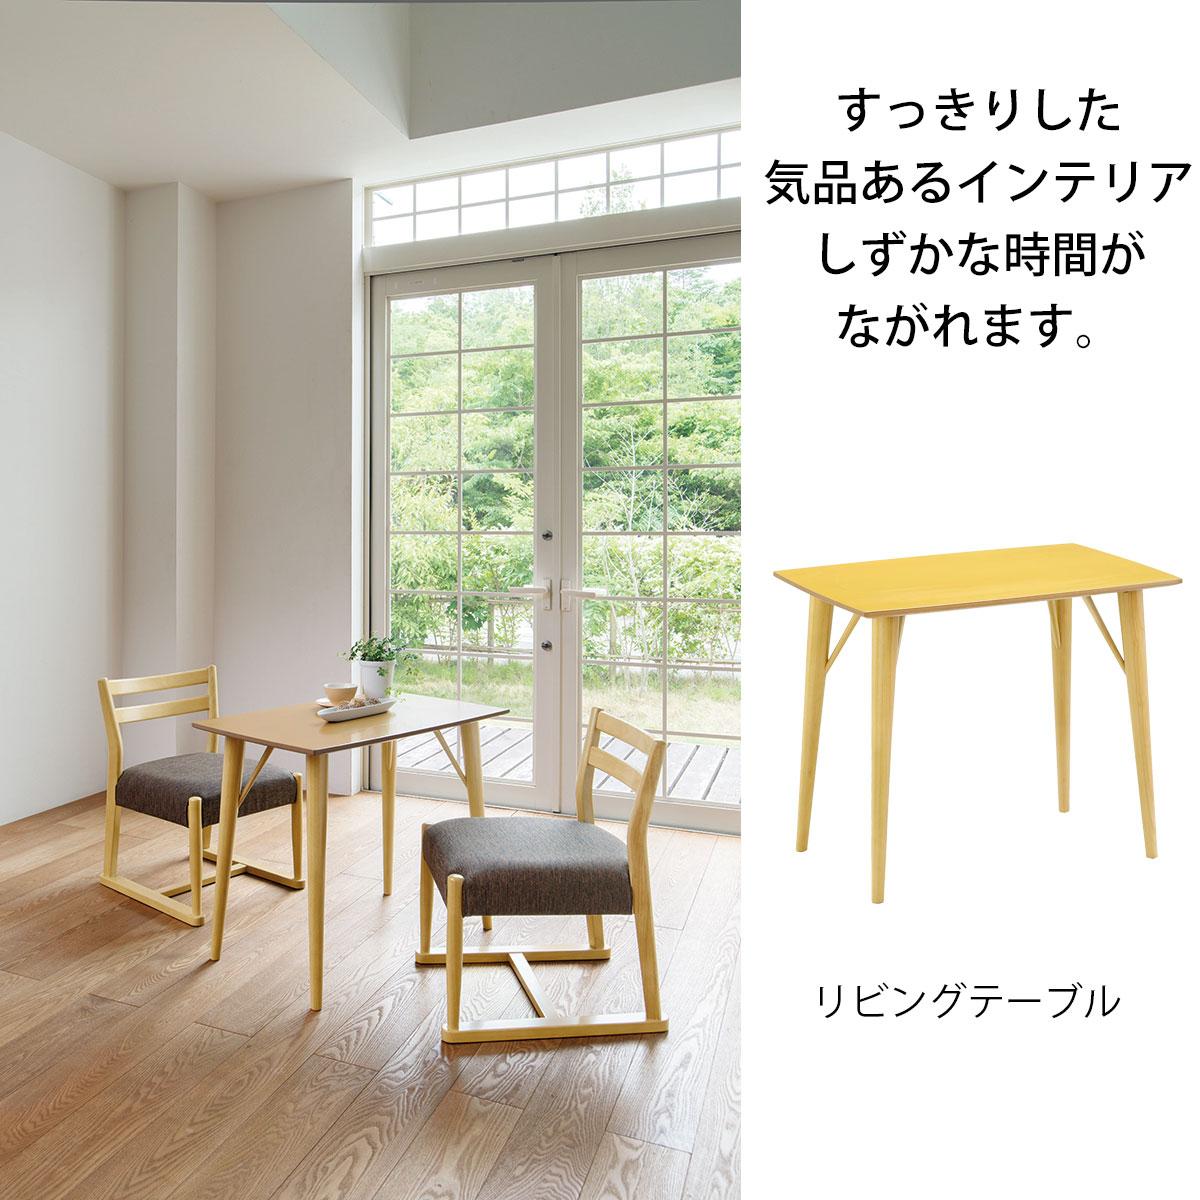 曙工芸製作所 エスコートシリーズ リビングテーブル HO ESCORT-7209 幅75×奥行48×高さ60cm